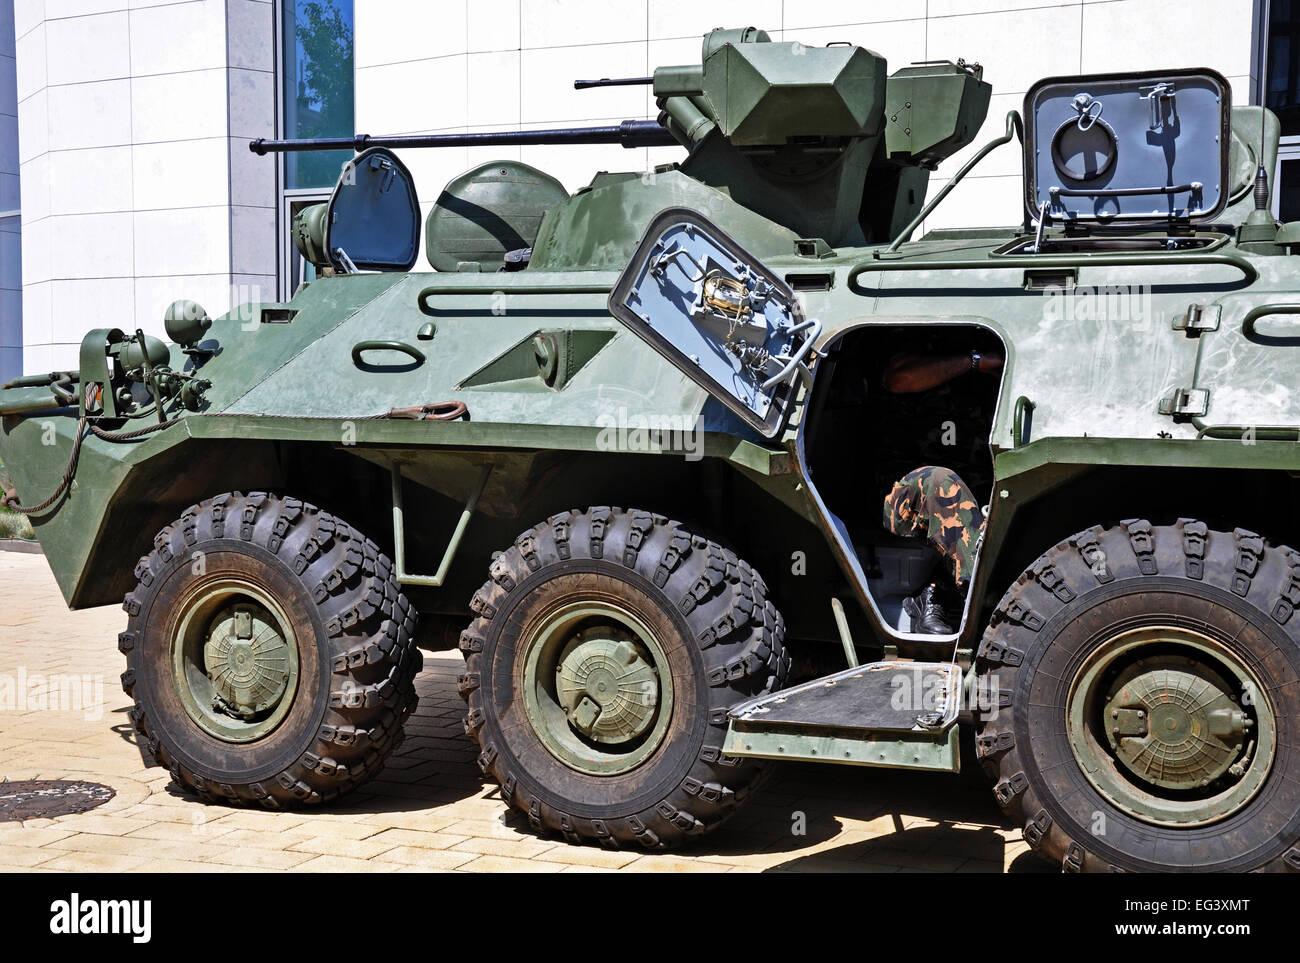 russische gepanzerte milit rfahrzeug stockfoto bild 78762792 alamy. Black Bedroom Furniture Sets. Home Design Ideas